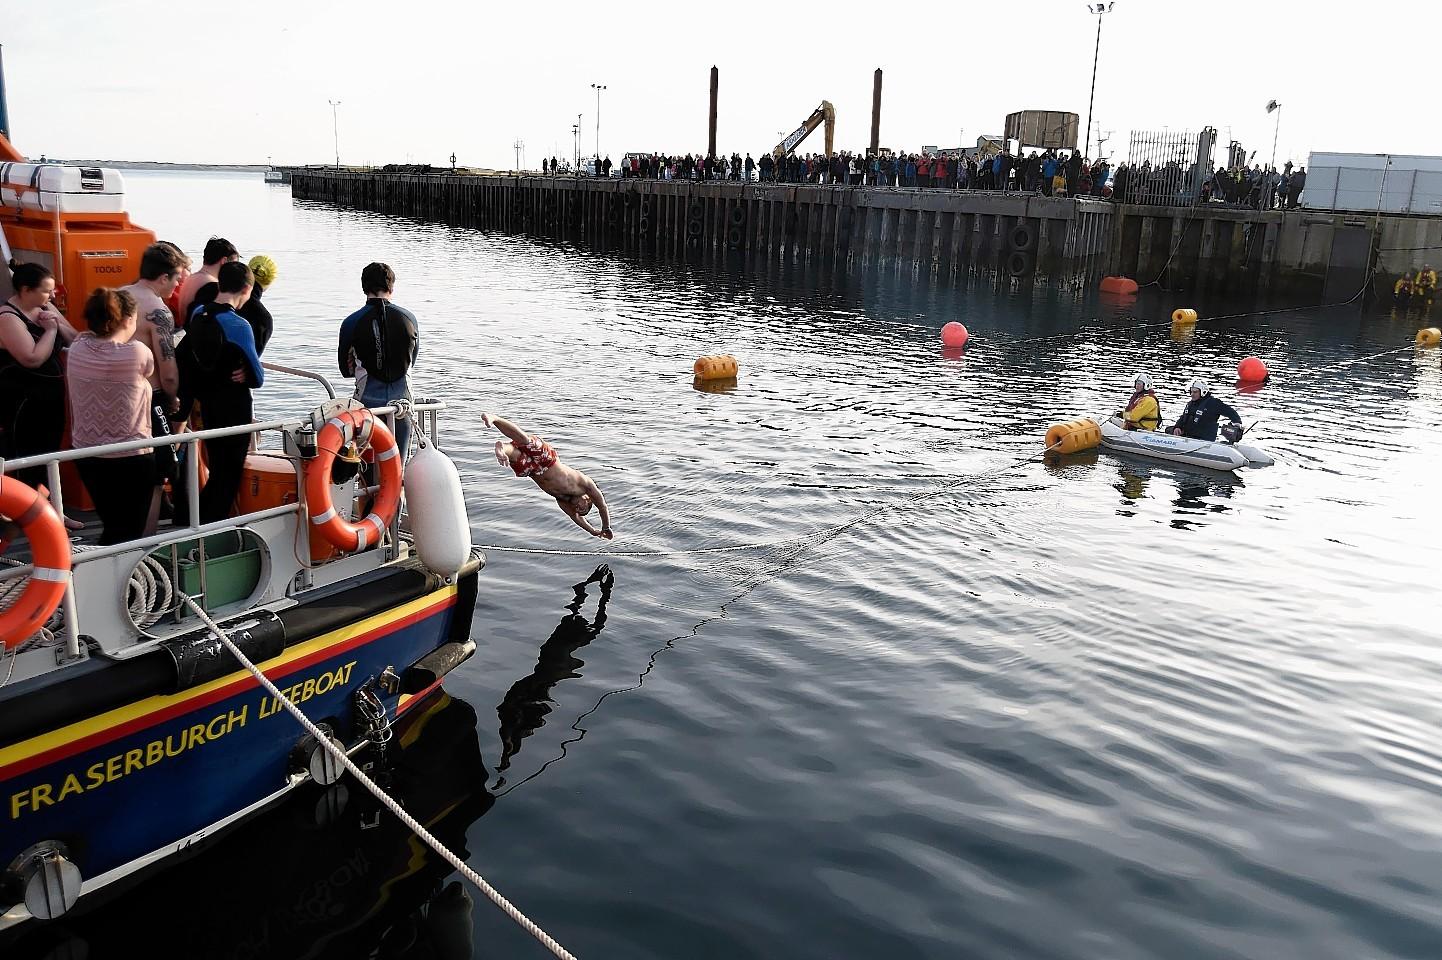 Fraserburgh-Boxing-day-swim-3.jpg